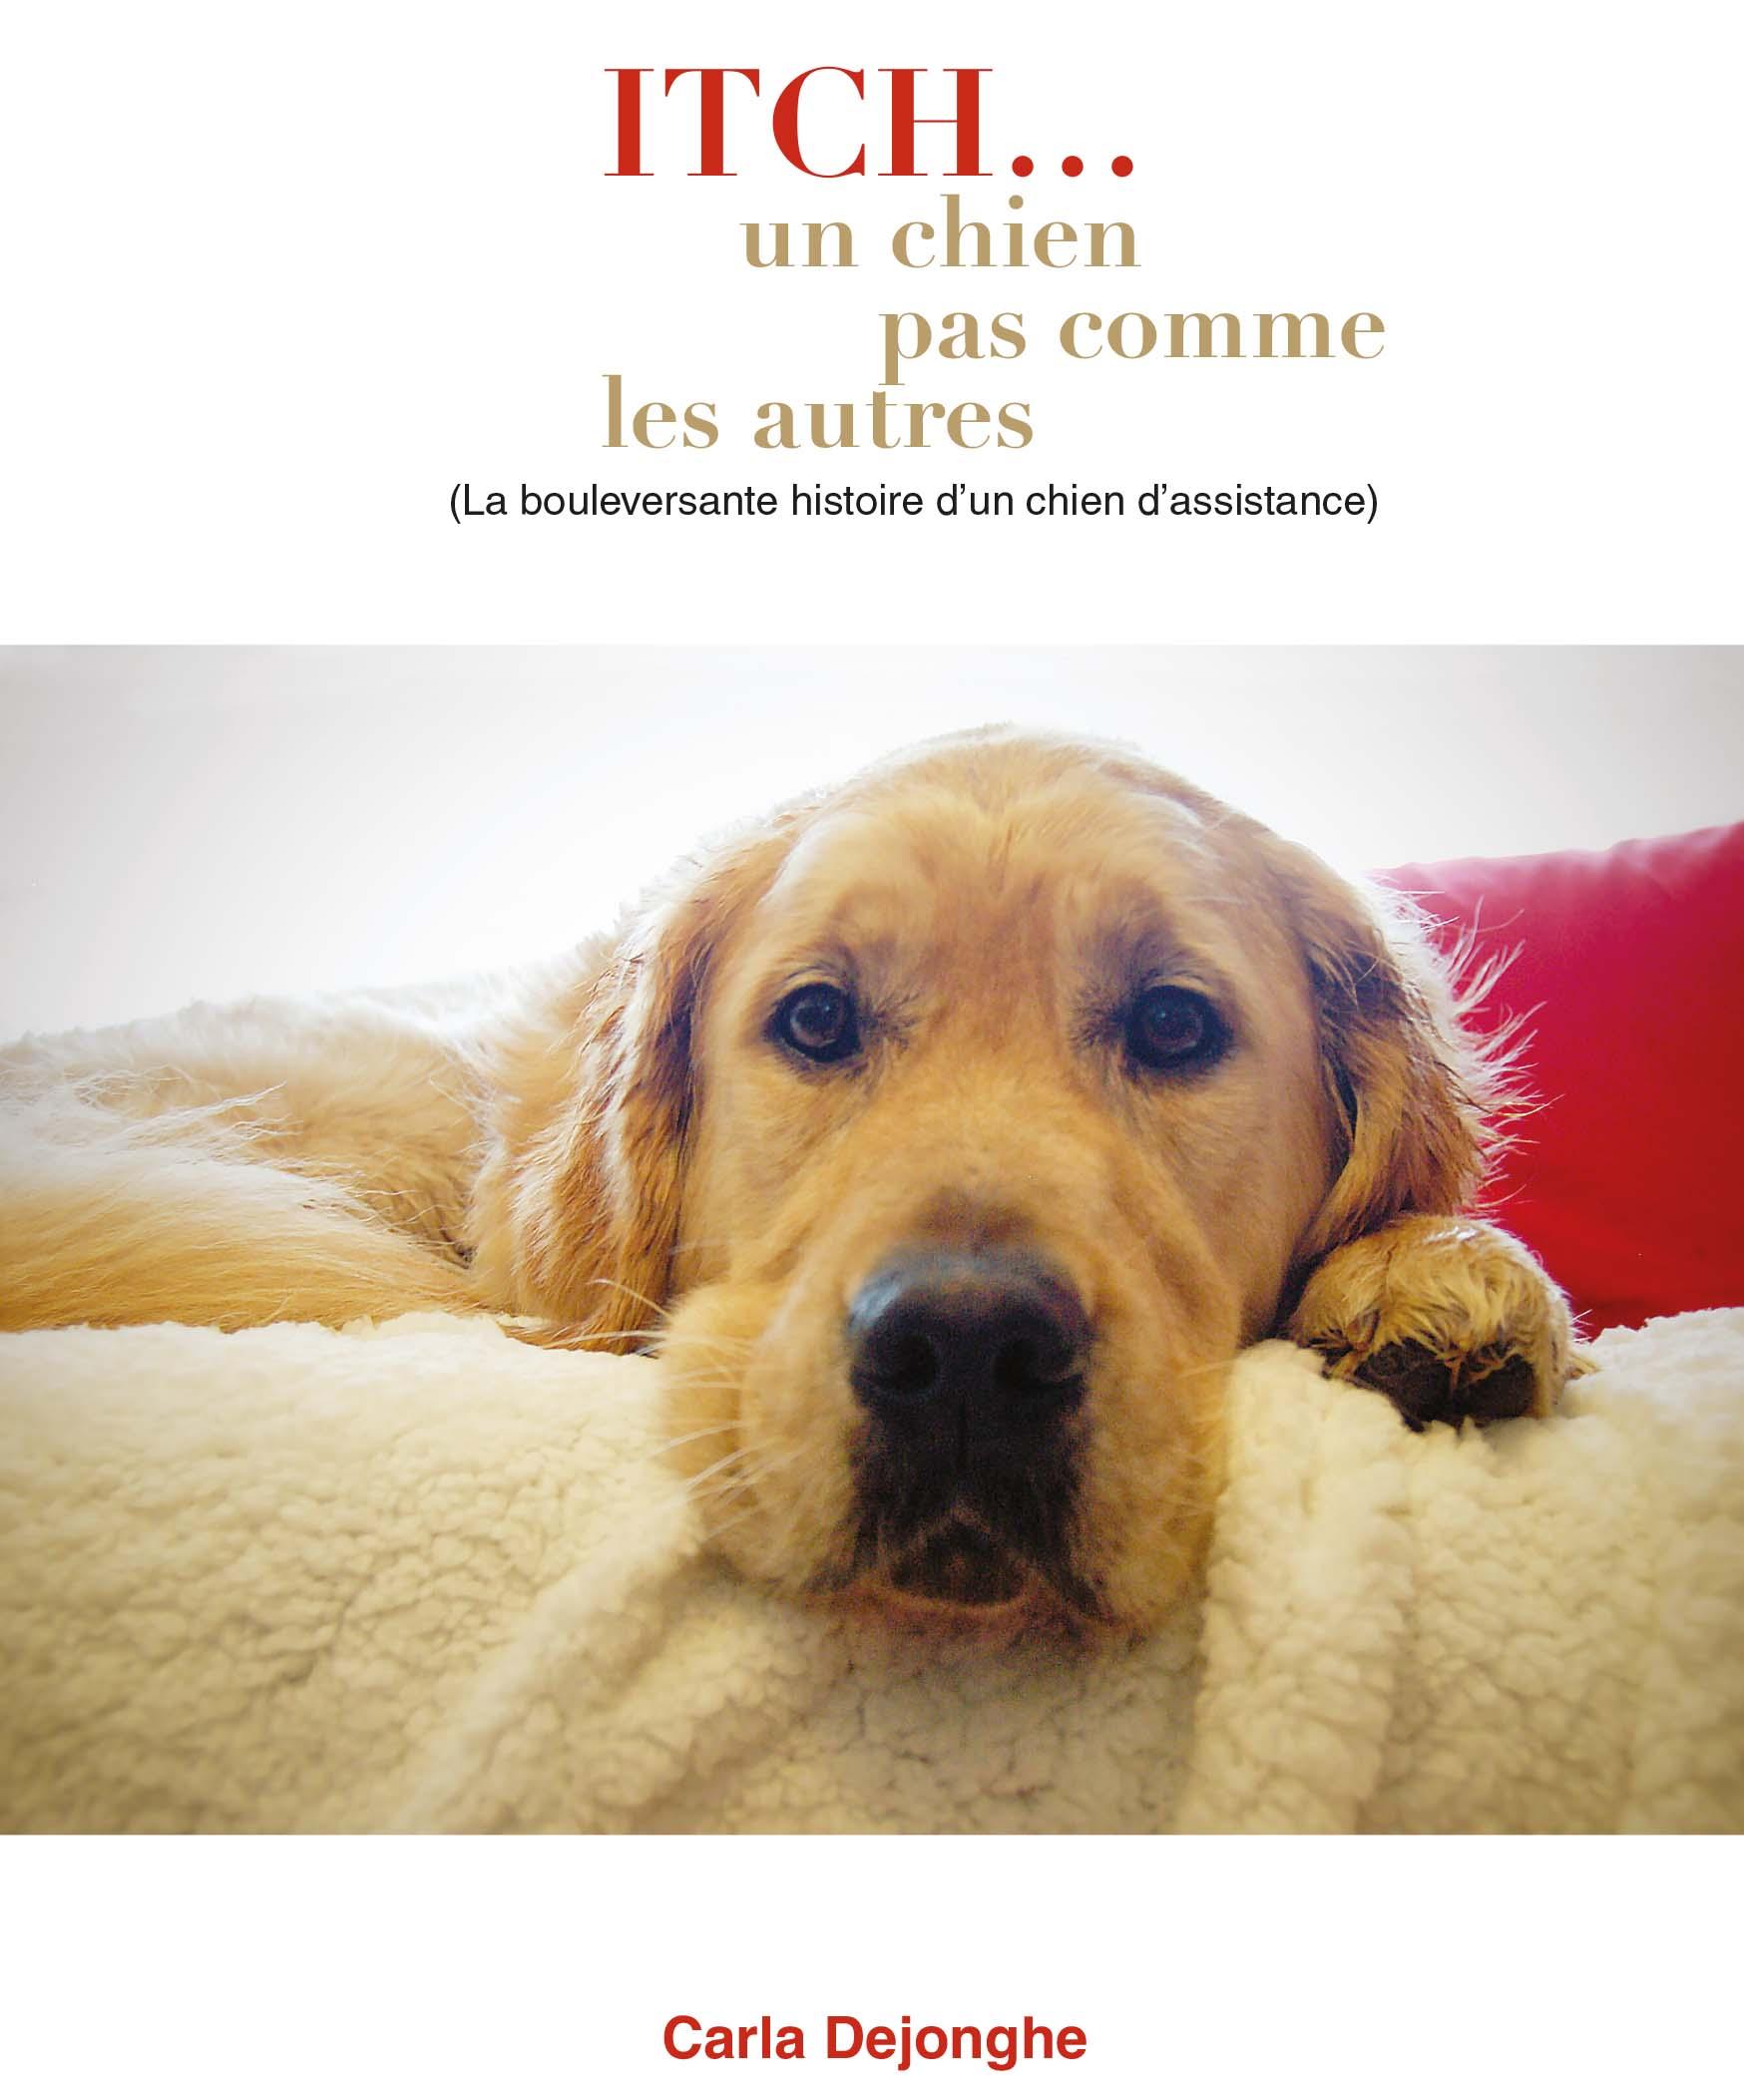 Carla Dejonghe publie un livre sur l'histoire émouvante d'un garçon autiste et de son chien d'assistance